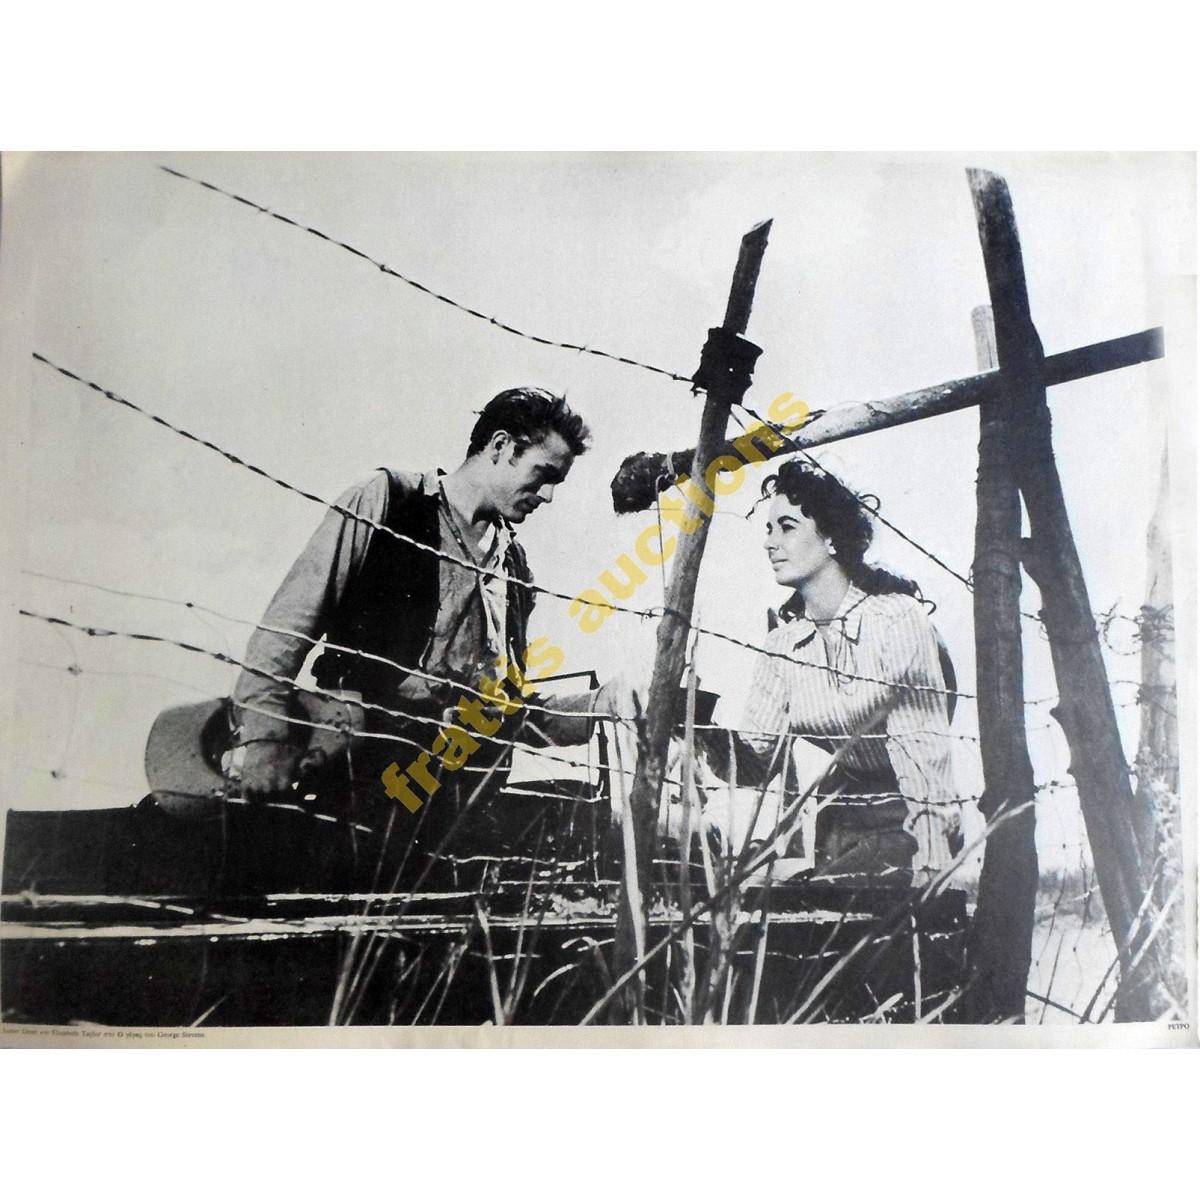 James Dean and Elizabeth Taylor, poster.